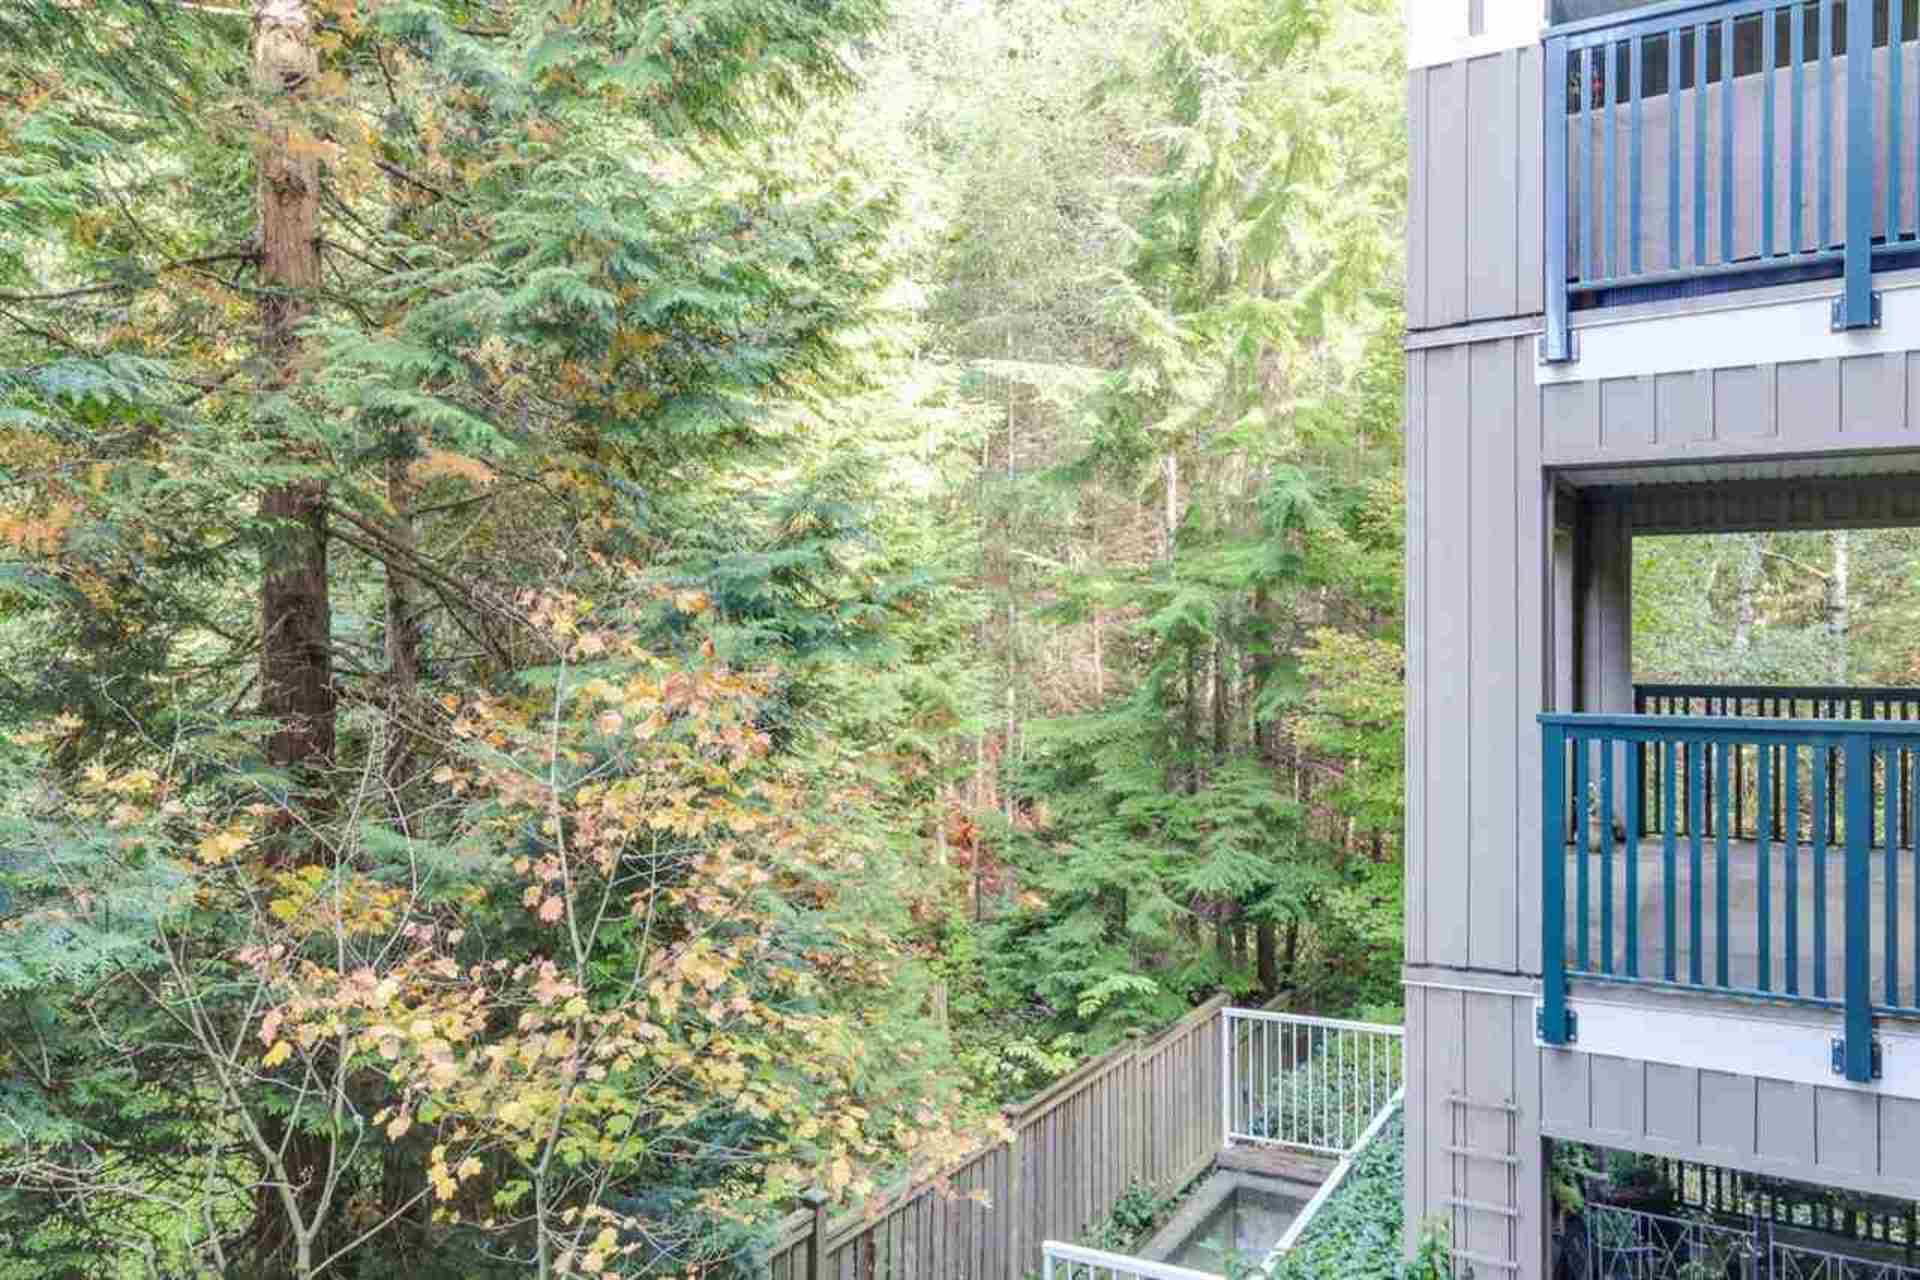 5605-hampton-place-university-vw-vancouver-west-16 at 211 - 5605 Hampton Place, University VW, Vancouver West